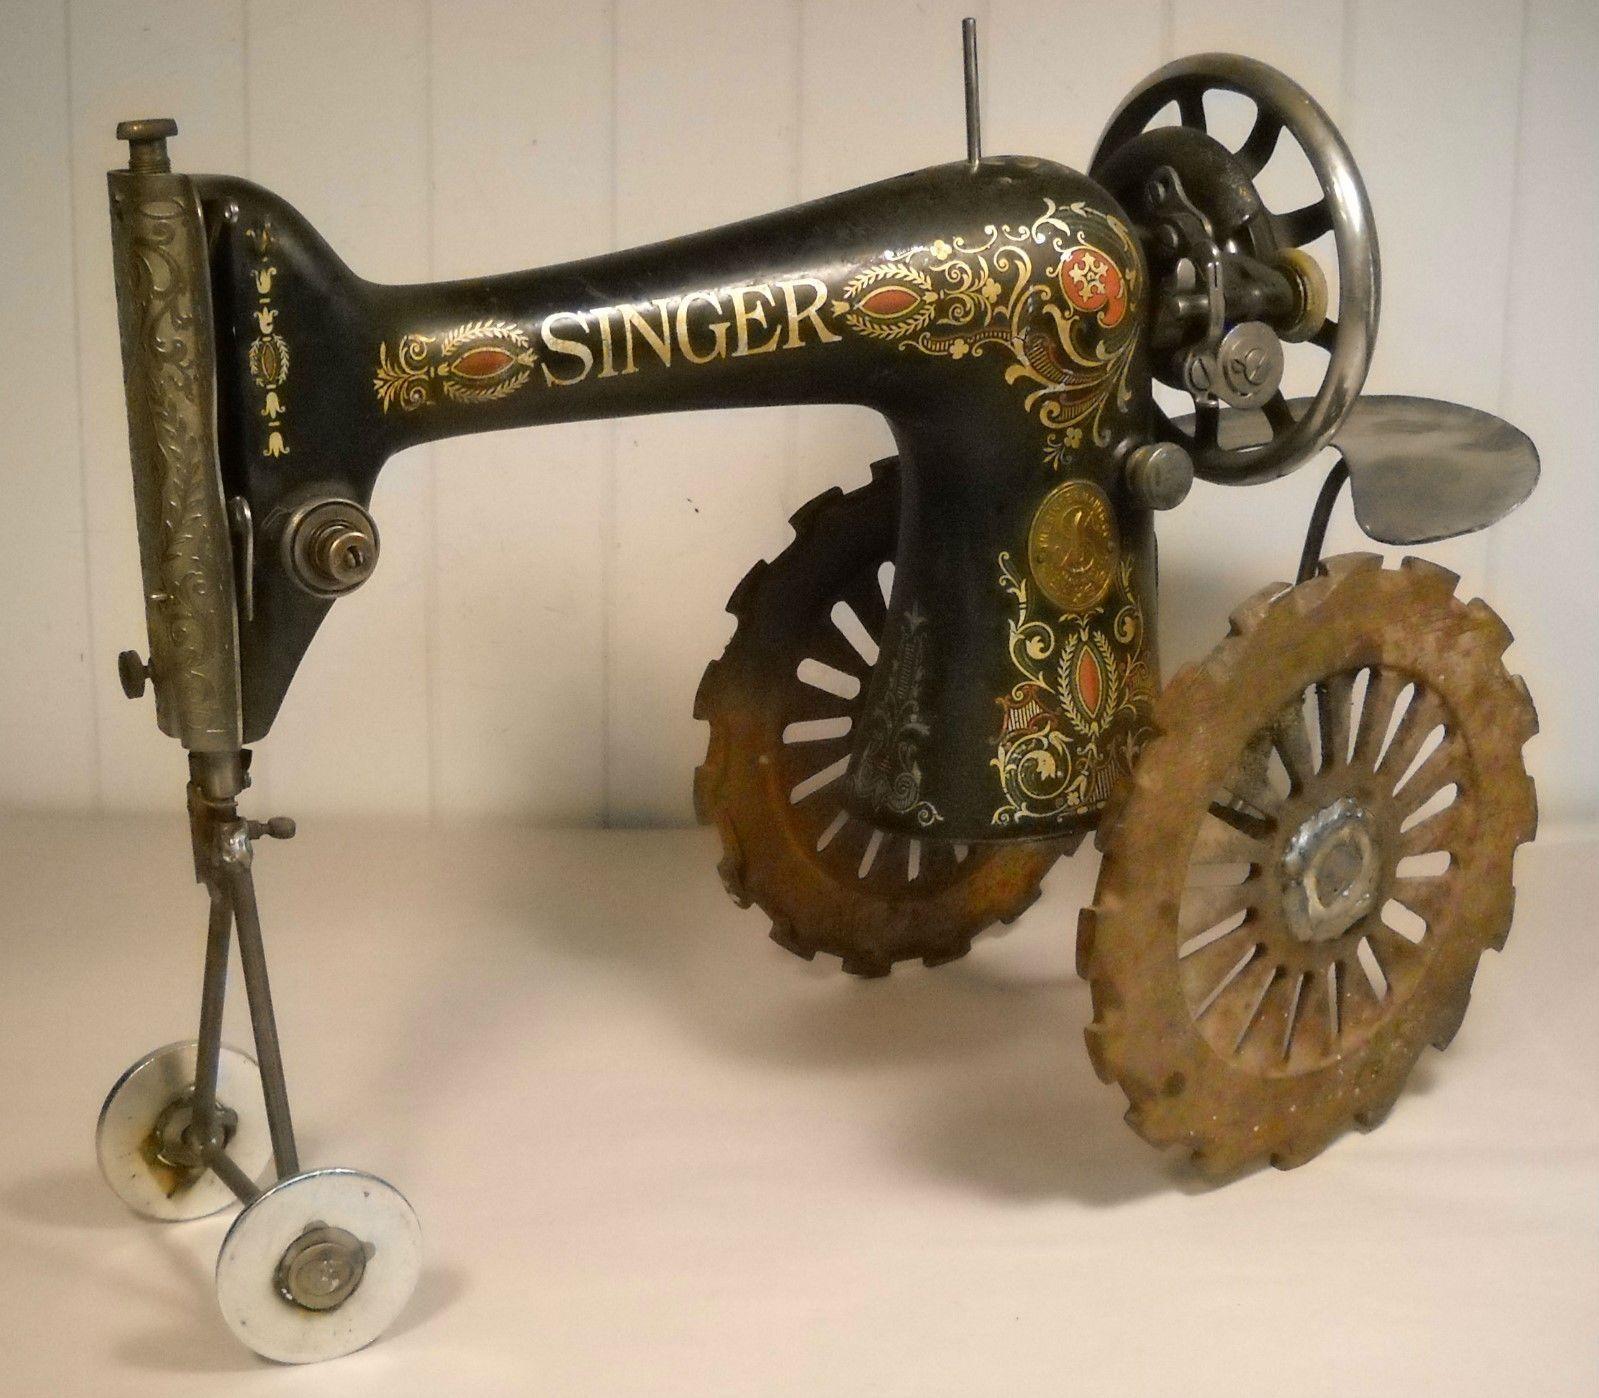 Singer Sewing Machine Tractor Repurposed Junk Art